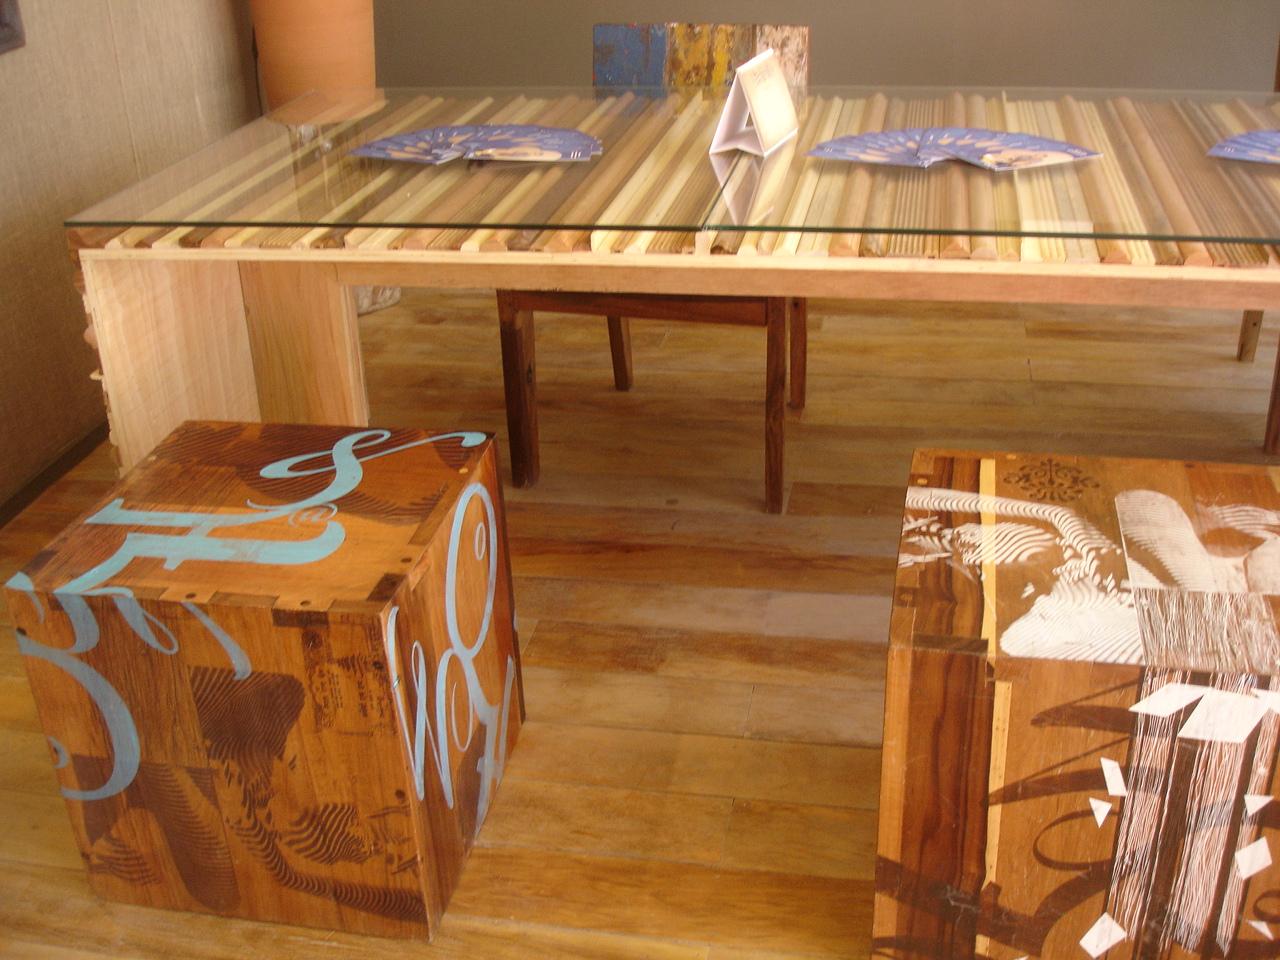 recicladas para decorar sua casa by Arquiteta Michelle Faura Ferrarini #7B411A 1280x960